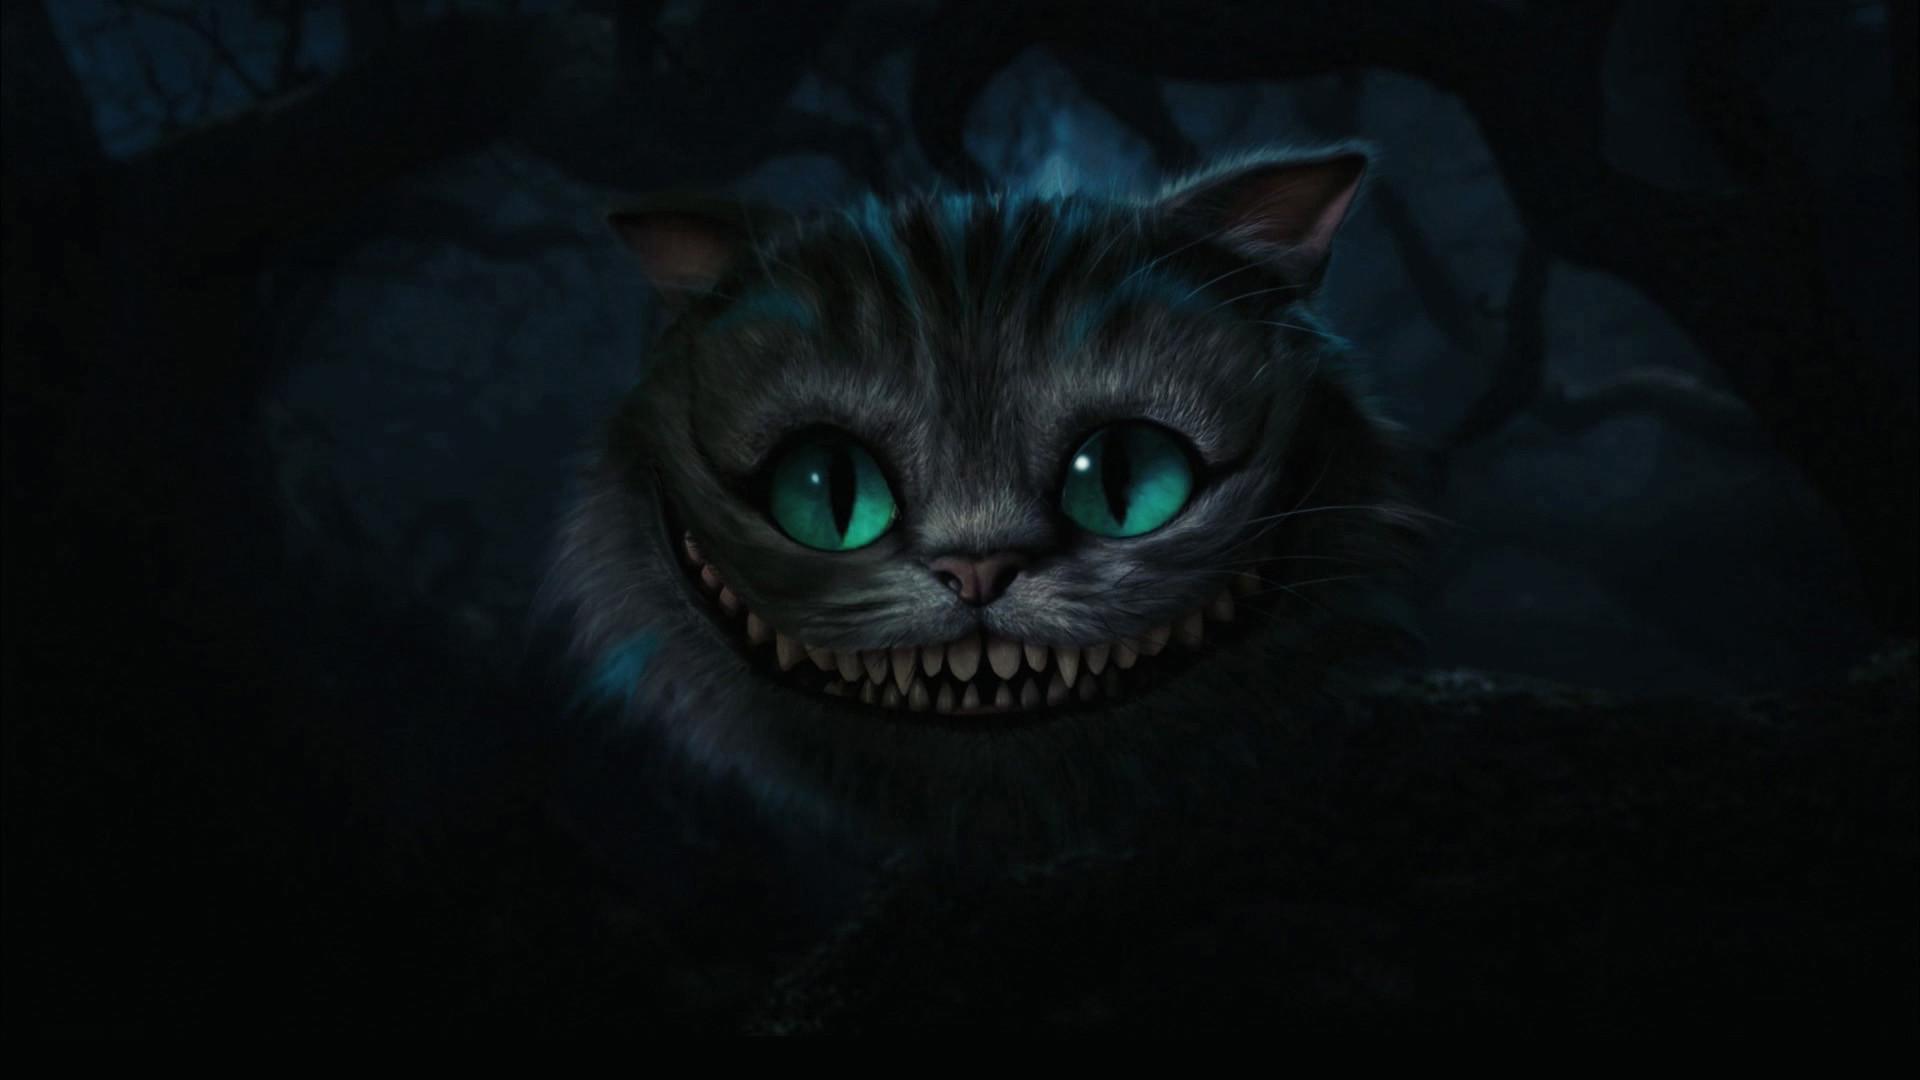 Cat Wallpaper 5